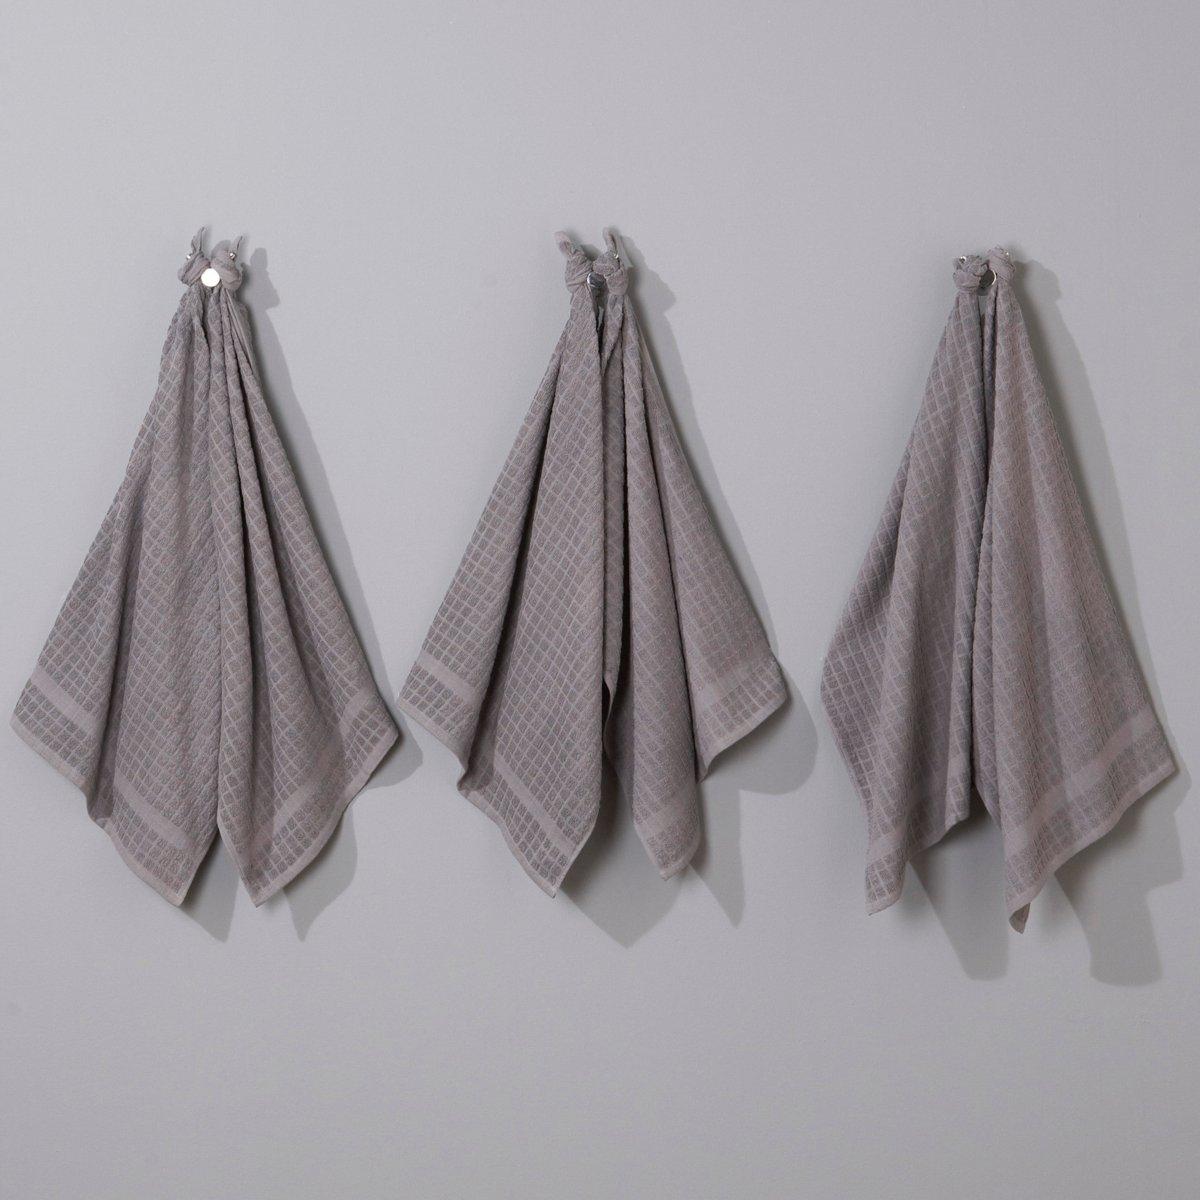 Комплект из 6 полотенец для рук махровой ткани